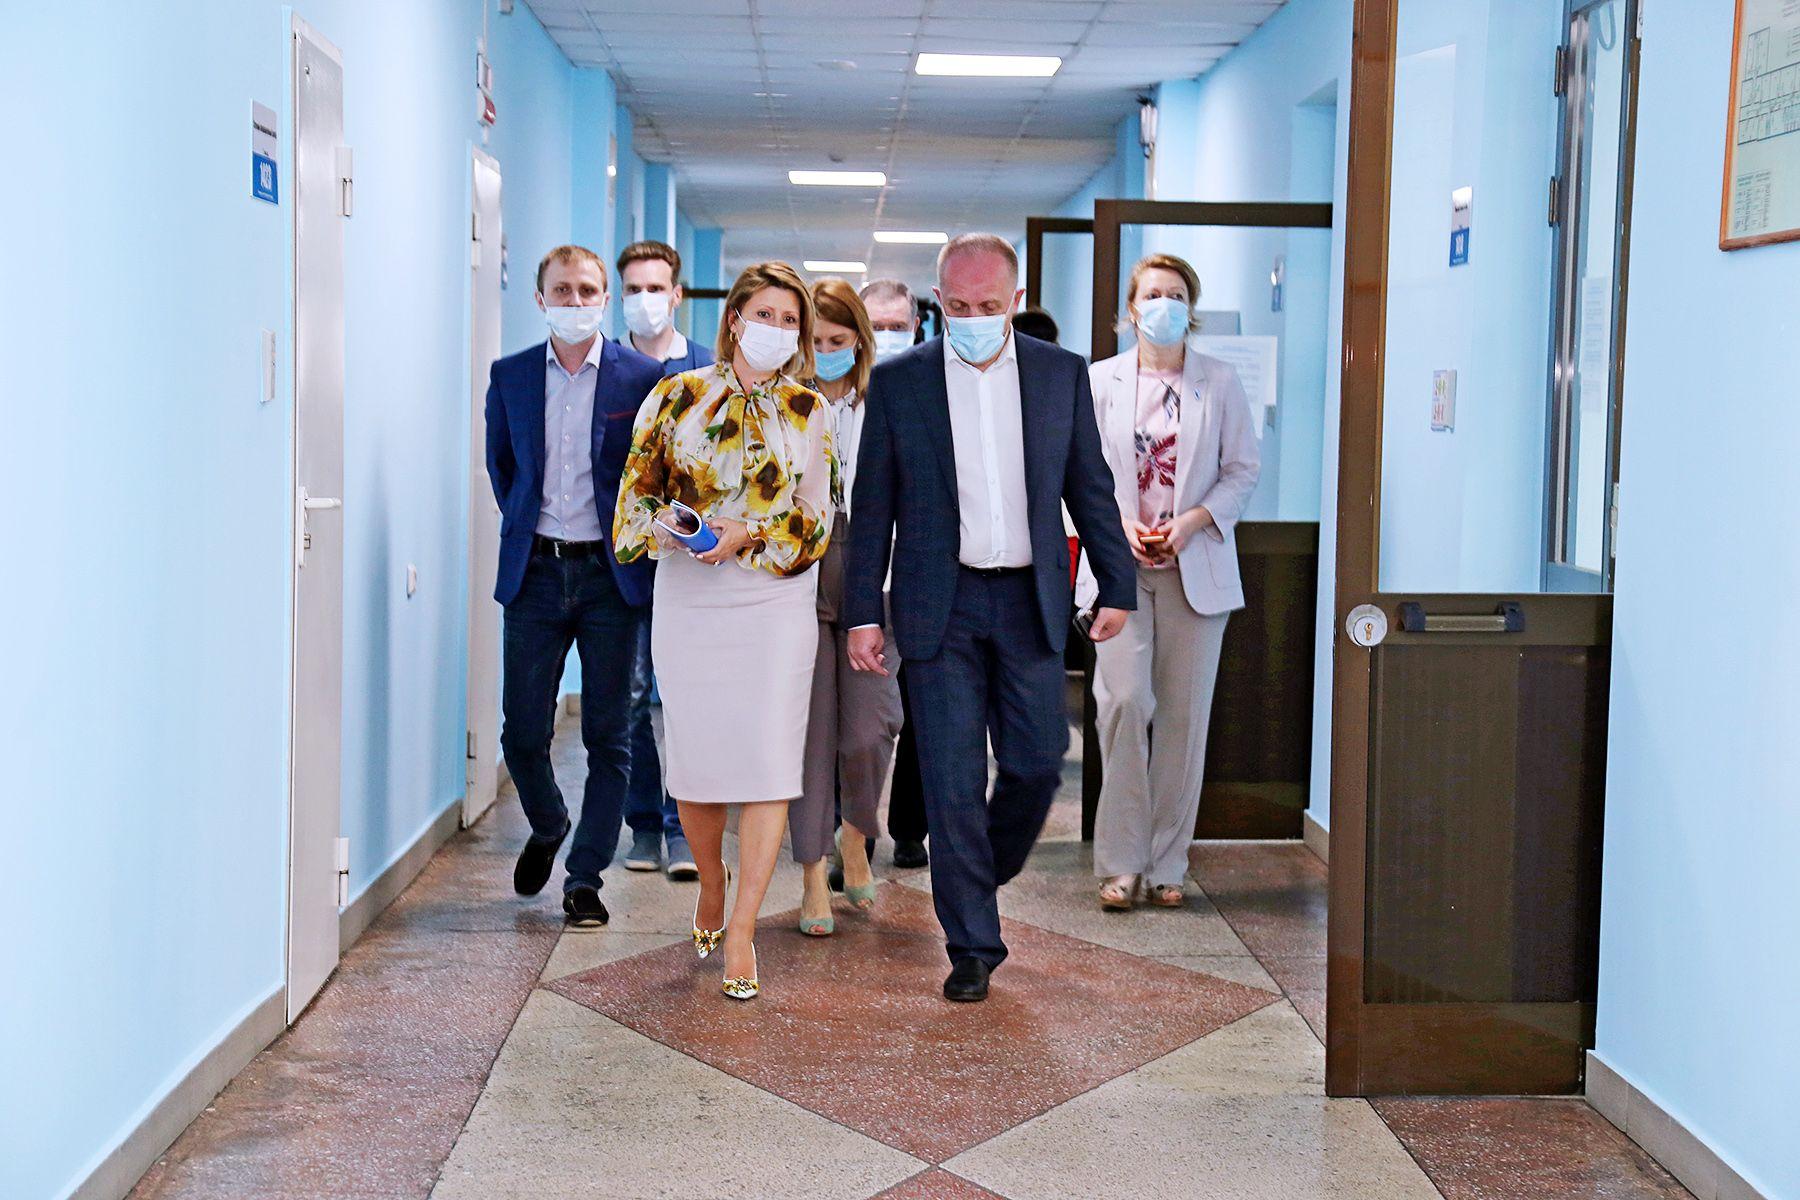 Заместитель Министра просвещения РФ Виктор Басюк — о работе Краевого ситуационного центра для наблюдения за ходом ЕГЭ на базе ВГУЭС: все сделано на высоком уровне